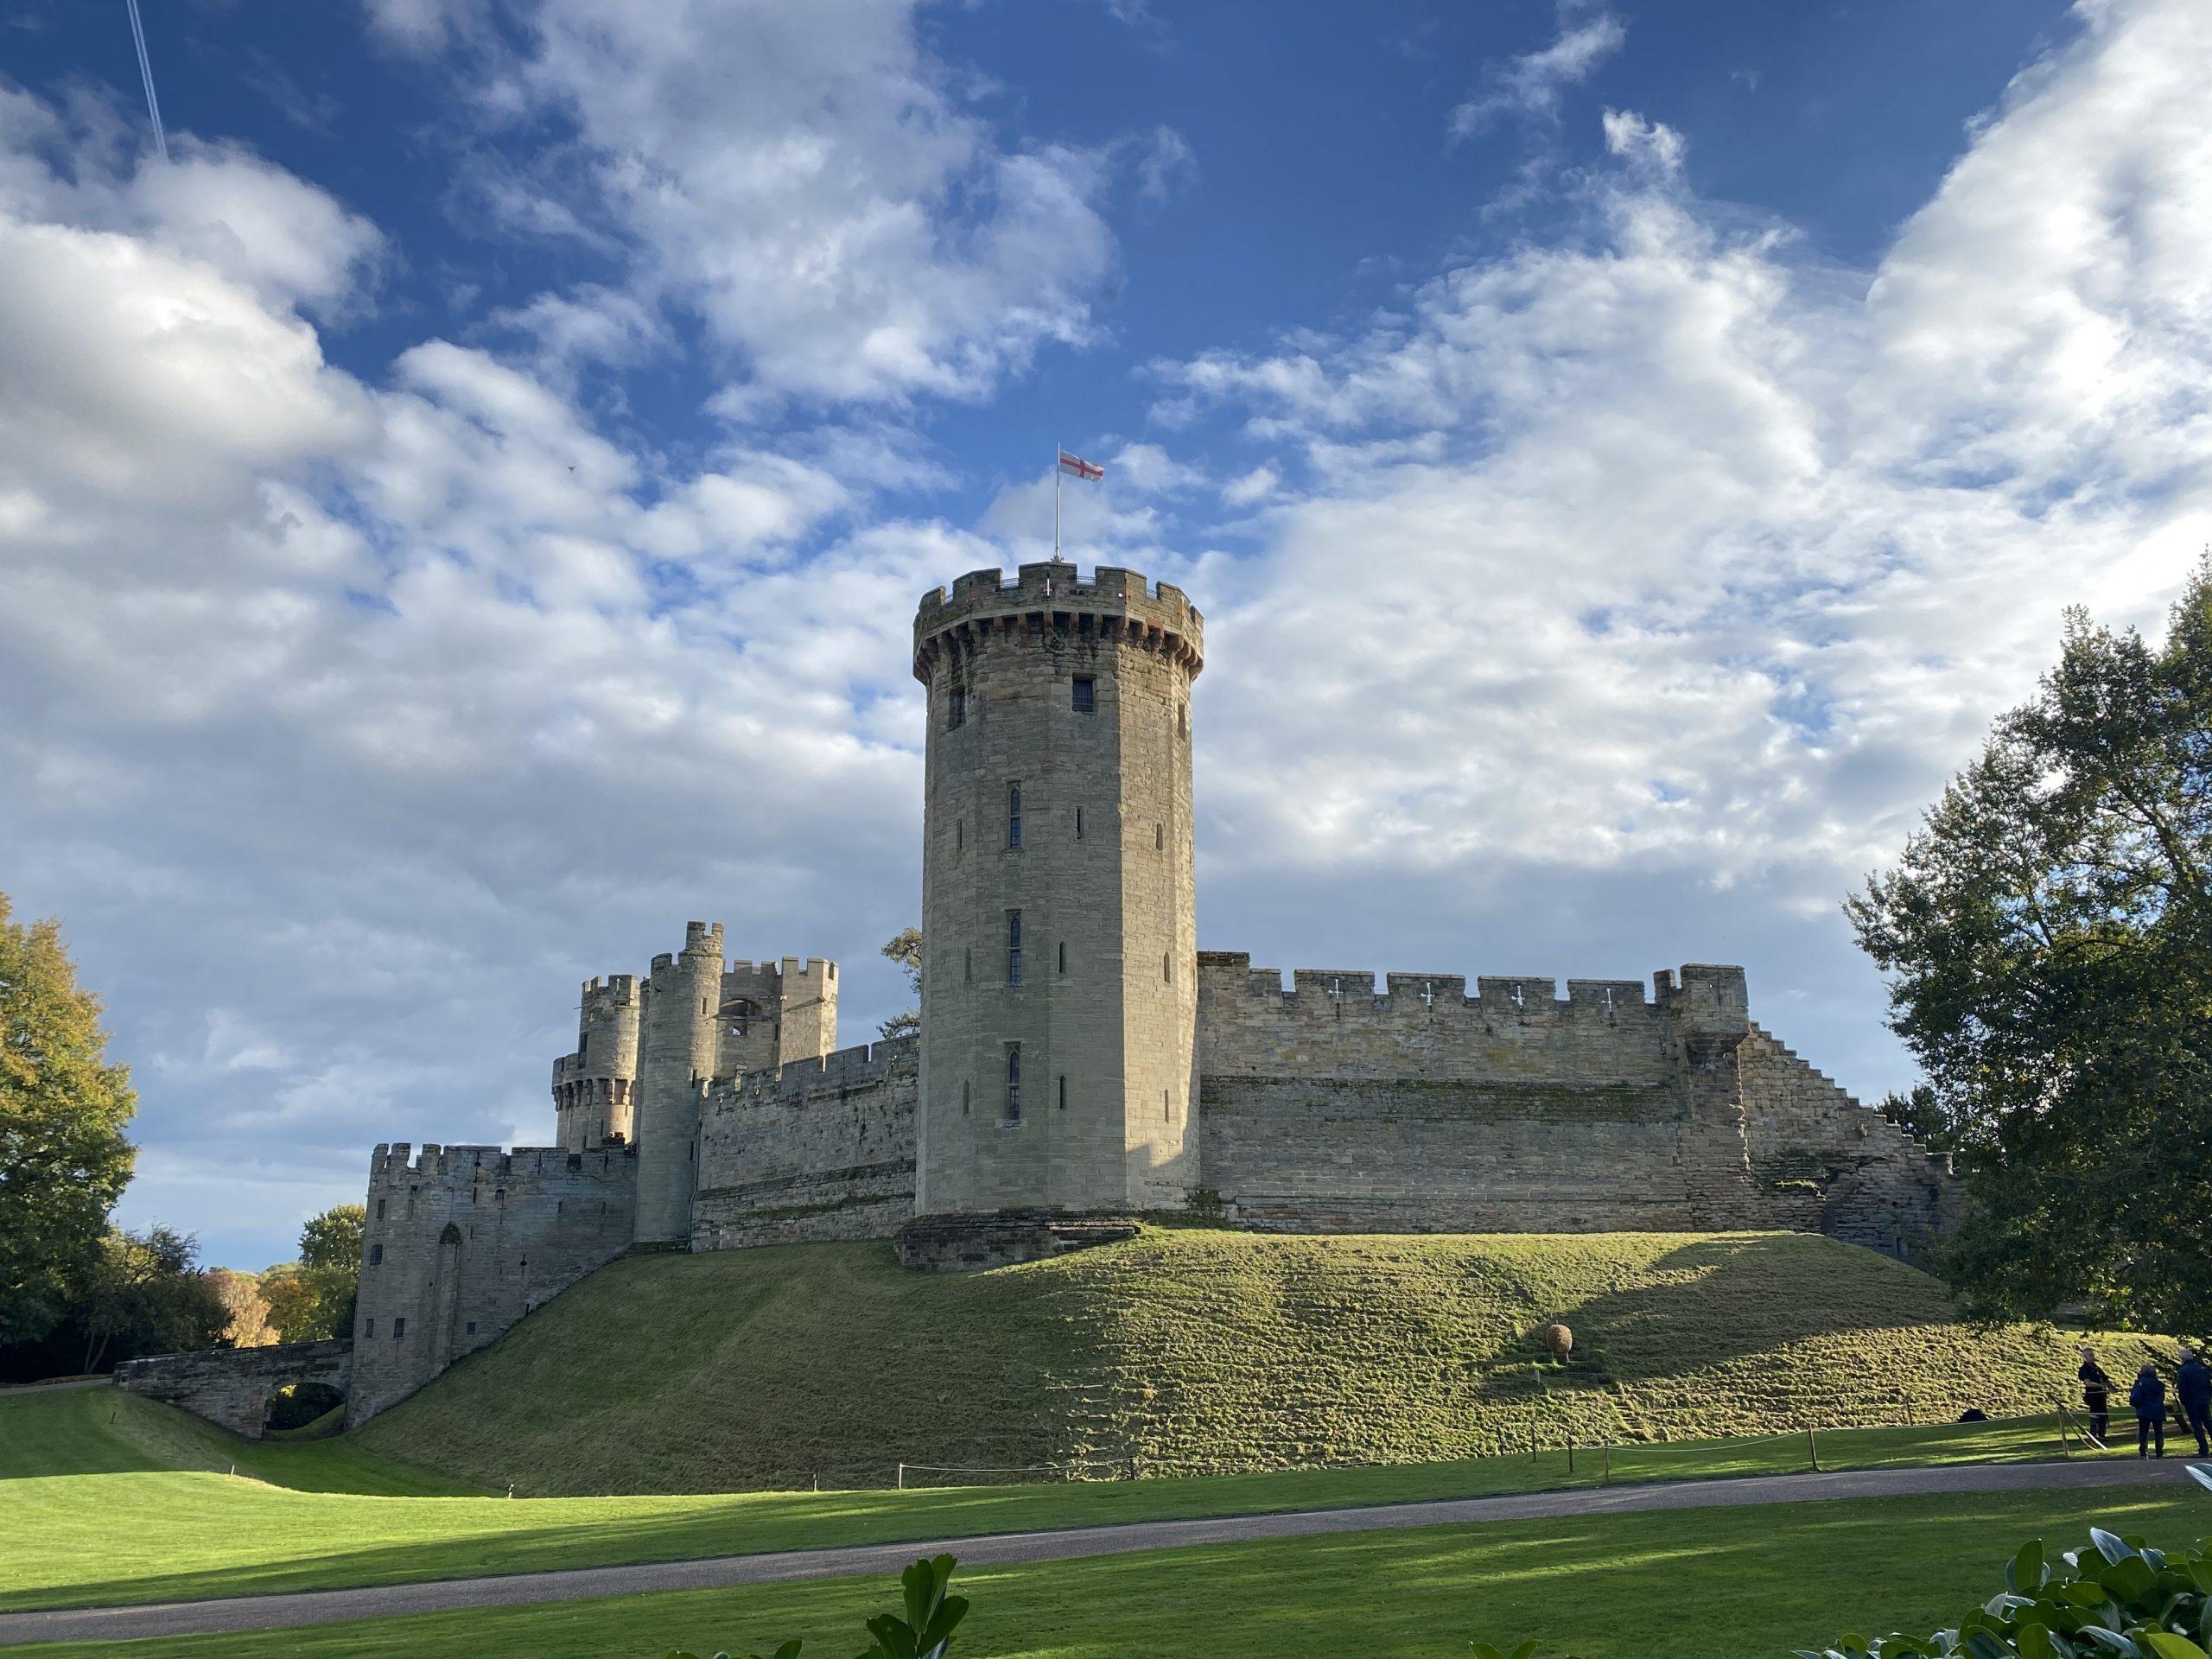 Private Tour of Warwick Castle